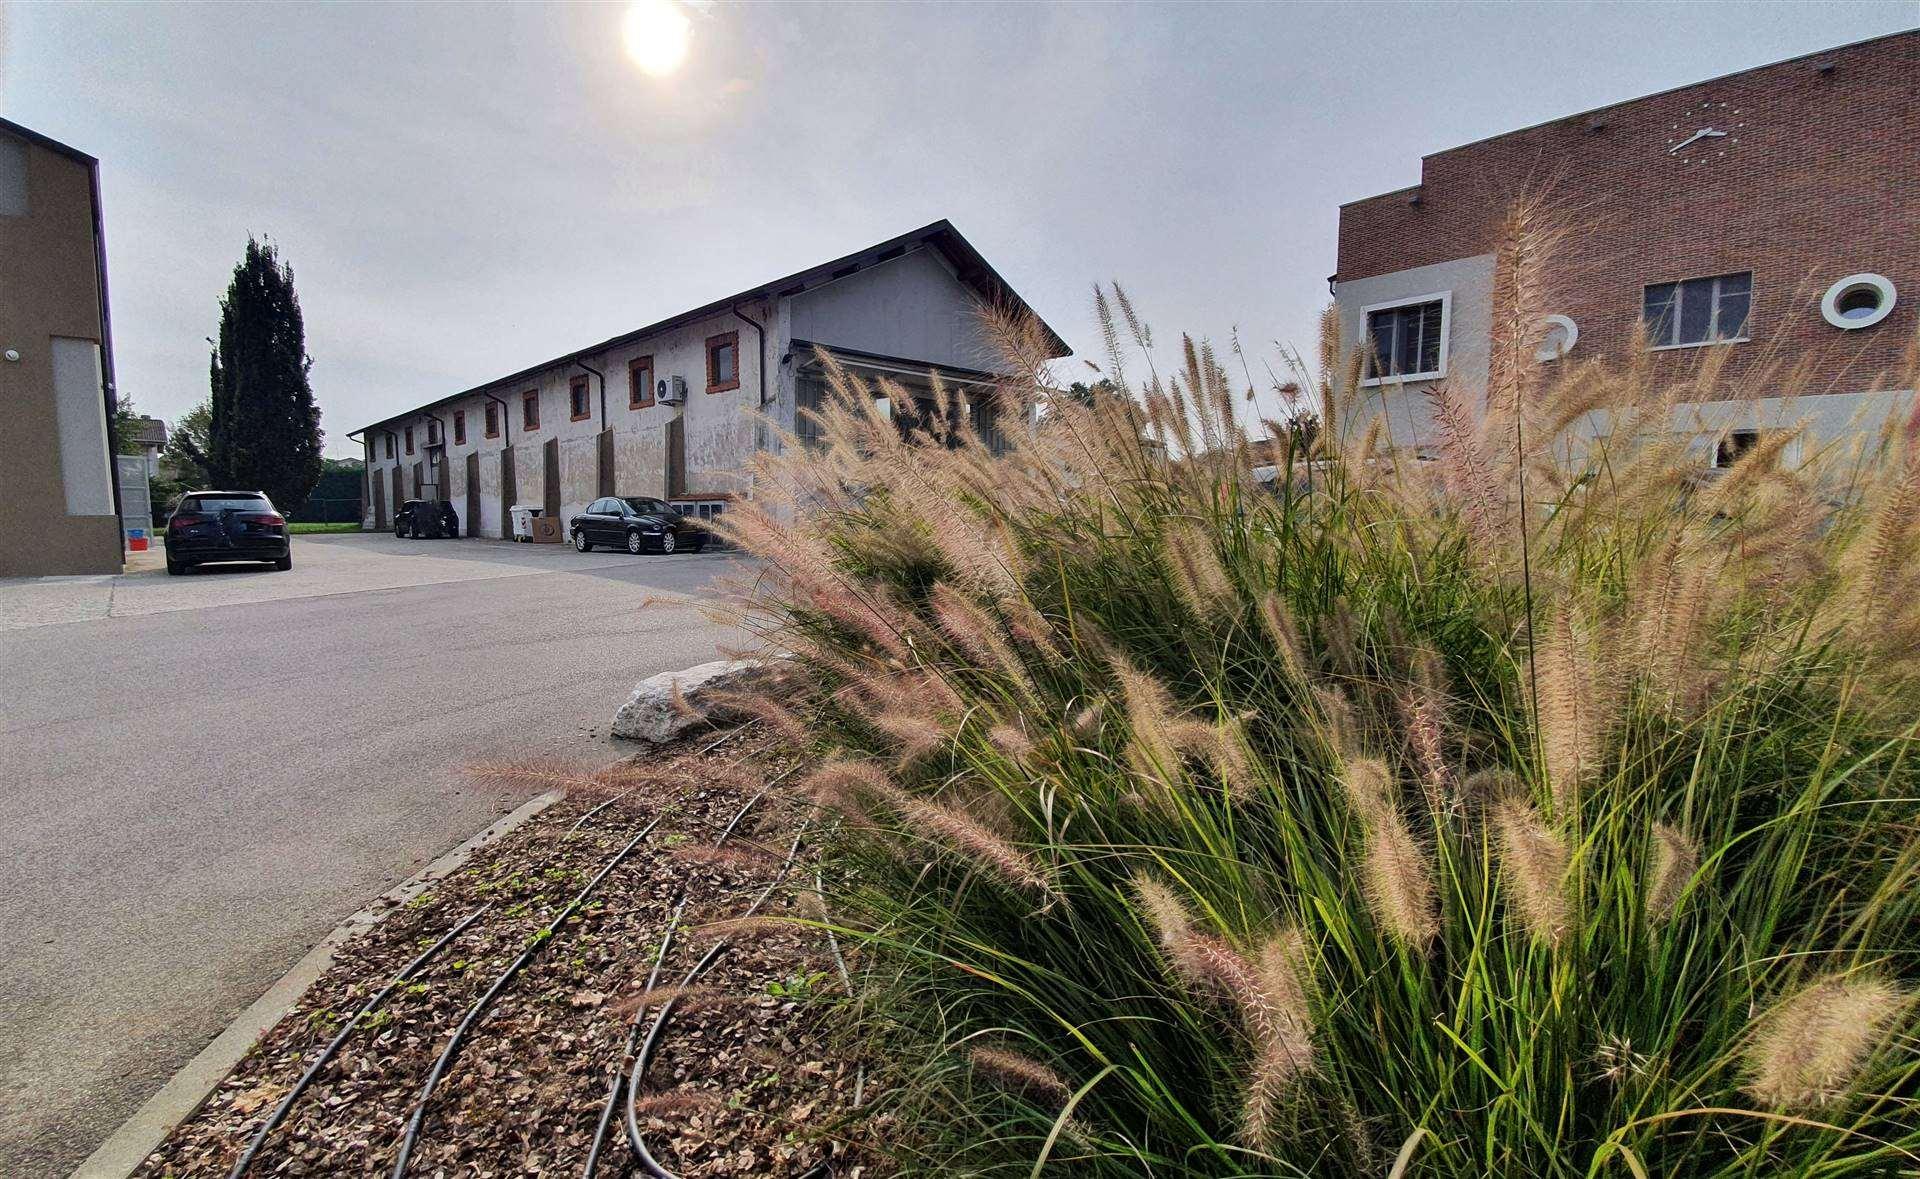 Immobile Commerciale in affitto a Porto Mantovano, 4 locali, zona Zona: Sant'Antonio (capoluogo), prezzo € 1.100 | CambioCasa.it